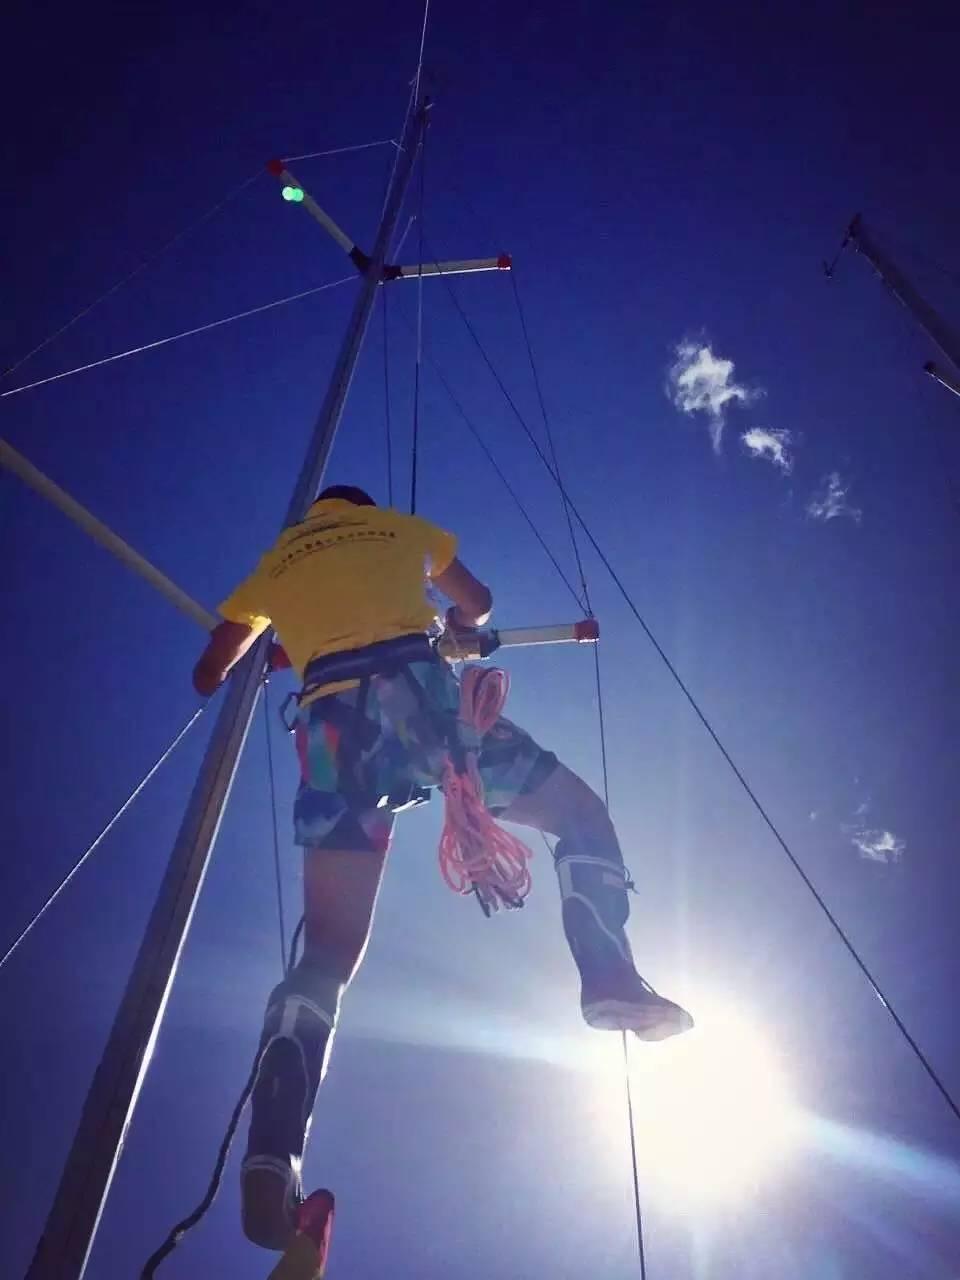 蝴蝶飞,法兰西,加勒比海,大西洋,布列塔尼 卑微的梦想者---远航是为了回家,京坤的2015单人横跨大西洋极限挑战回忆录连载 85657ba48c30286b400cd5d5602b1754.jpg